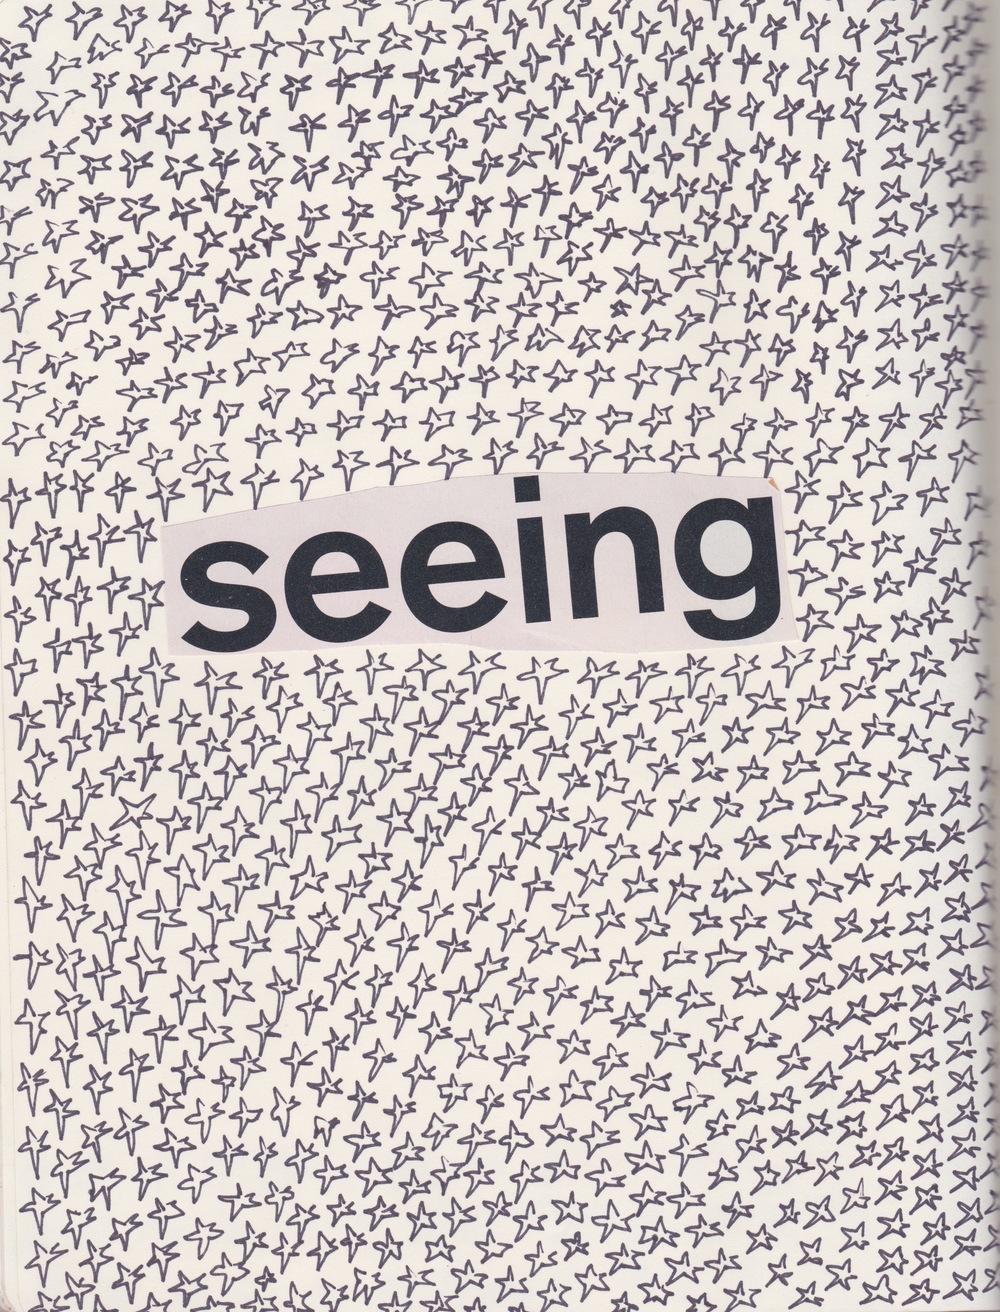 Seeing .jpg